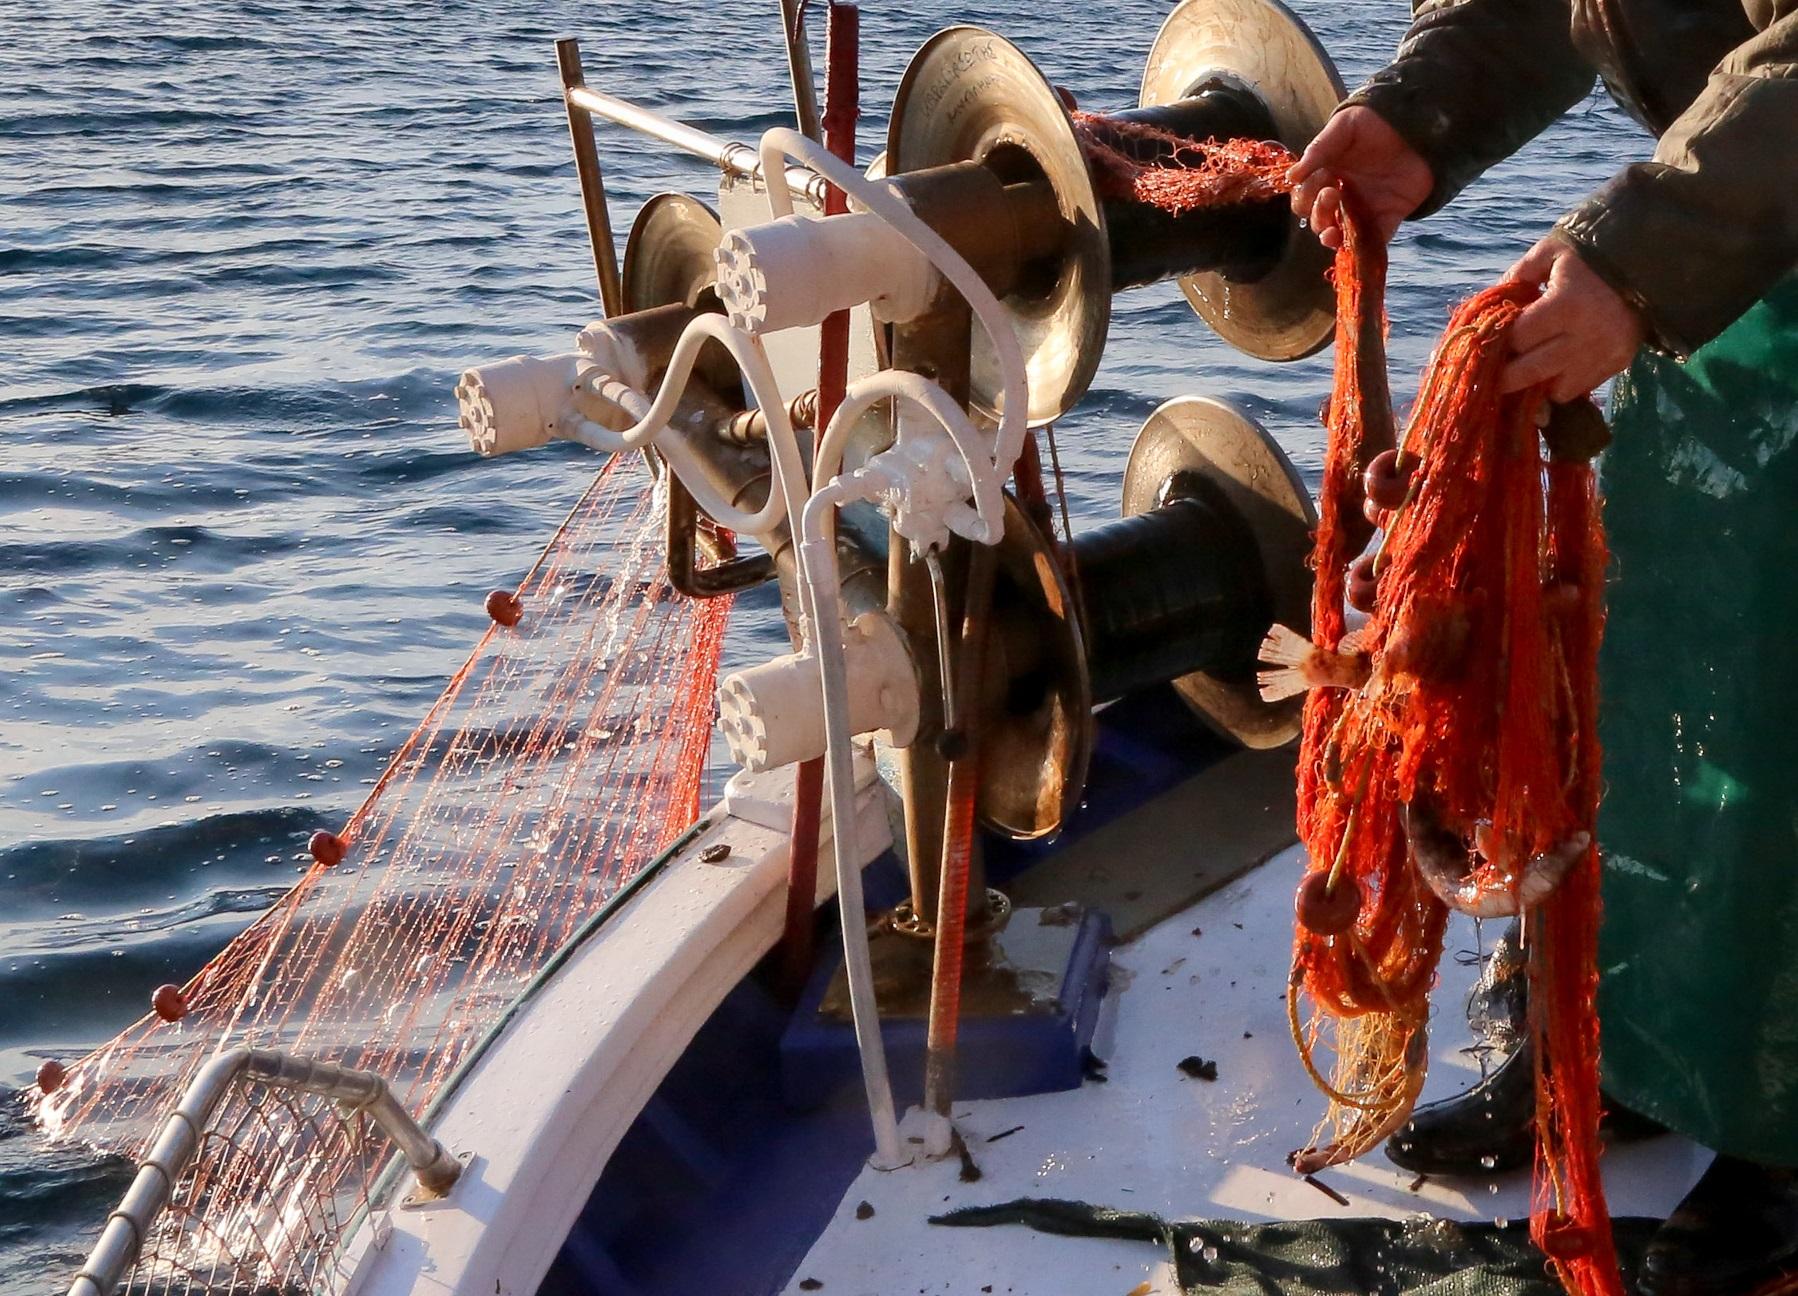 Βόλος: Ψαράς βρήκε νεκρό ψαροντουφεκά και… ξαναπέταξε το πτώμα στη θάλασσα